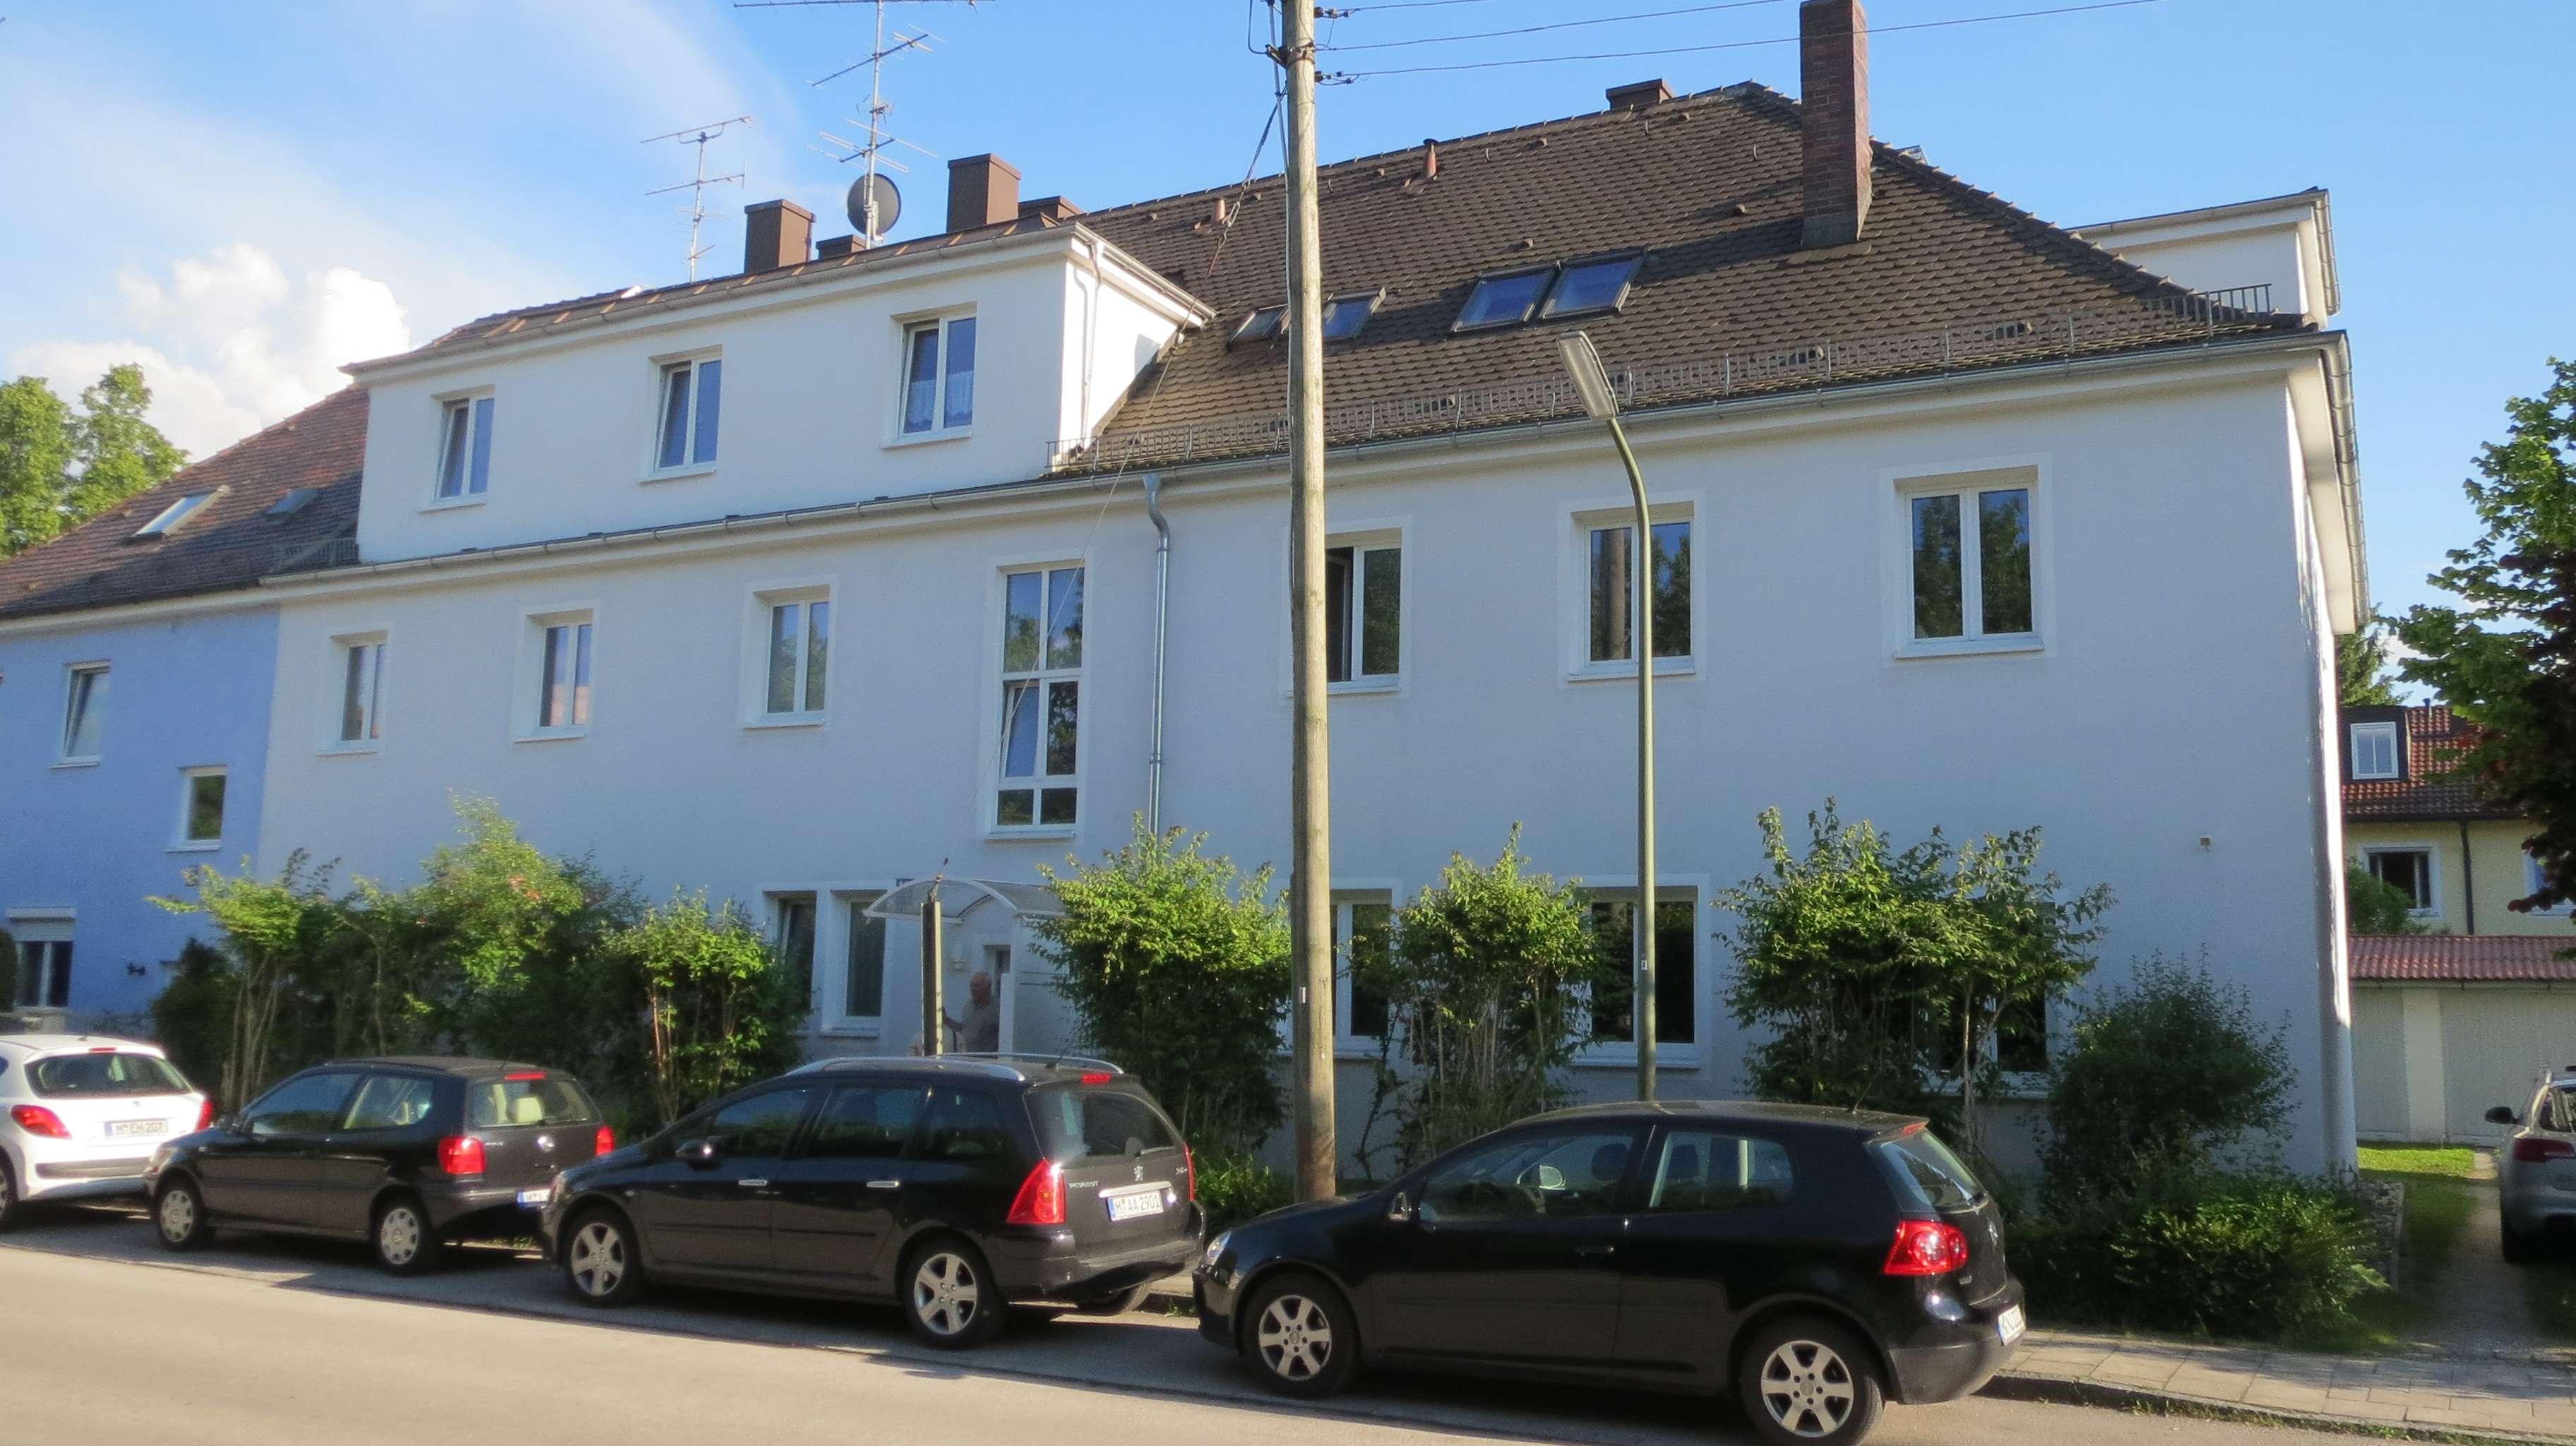 Freundliches 1-Zimmer-Apartment mit Terrasse und Einbauküche in Berg am Laim, München